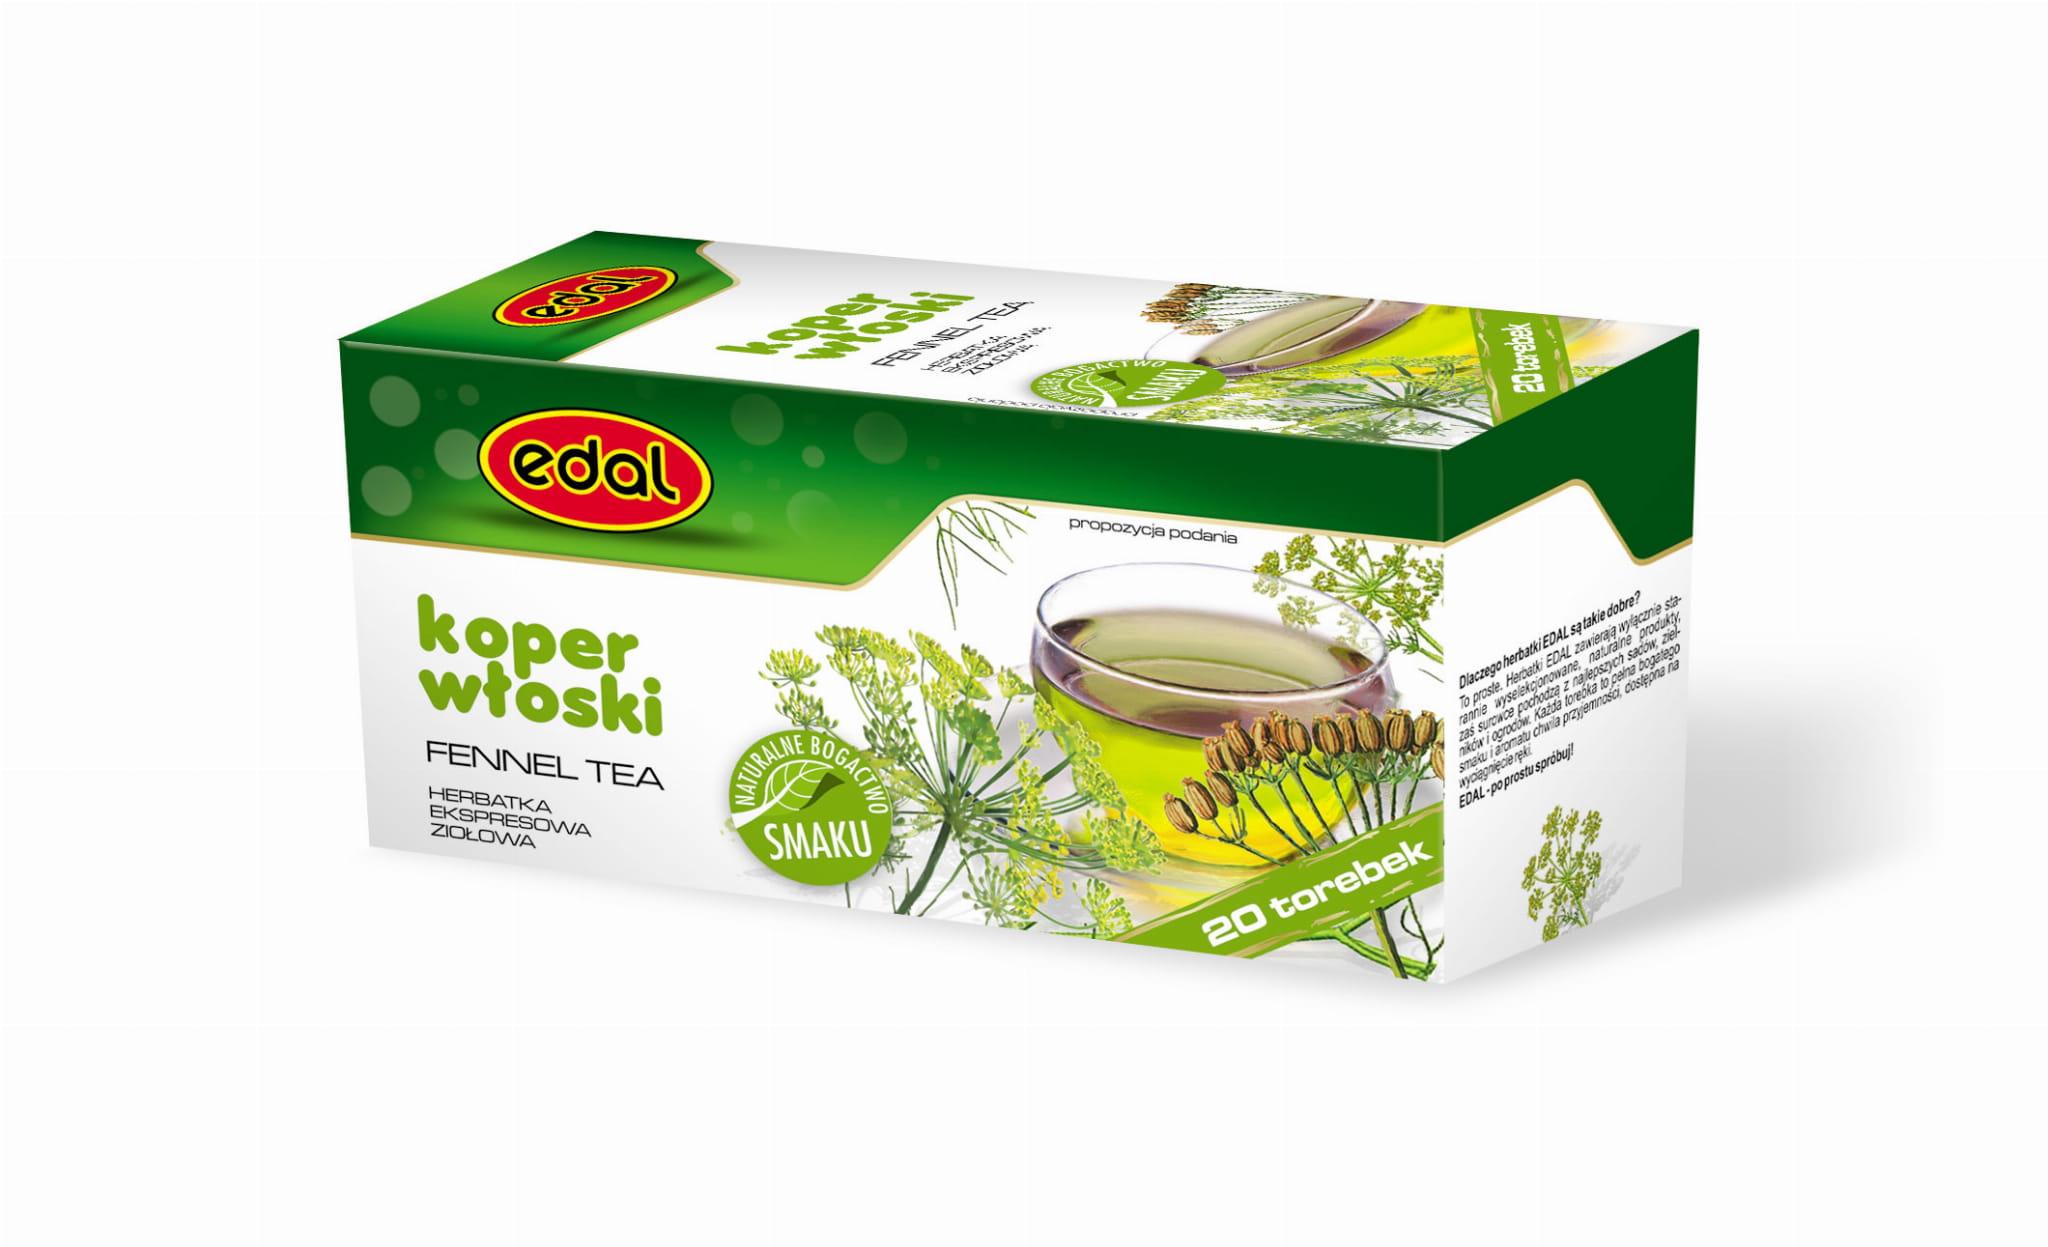 Herbatka ekspresowa ziołowa Koper Włoski 30 g Edal